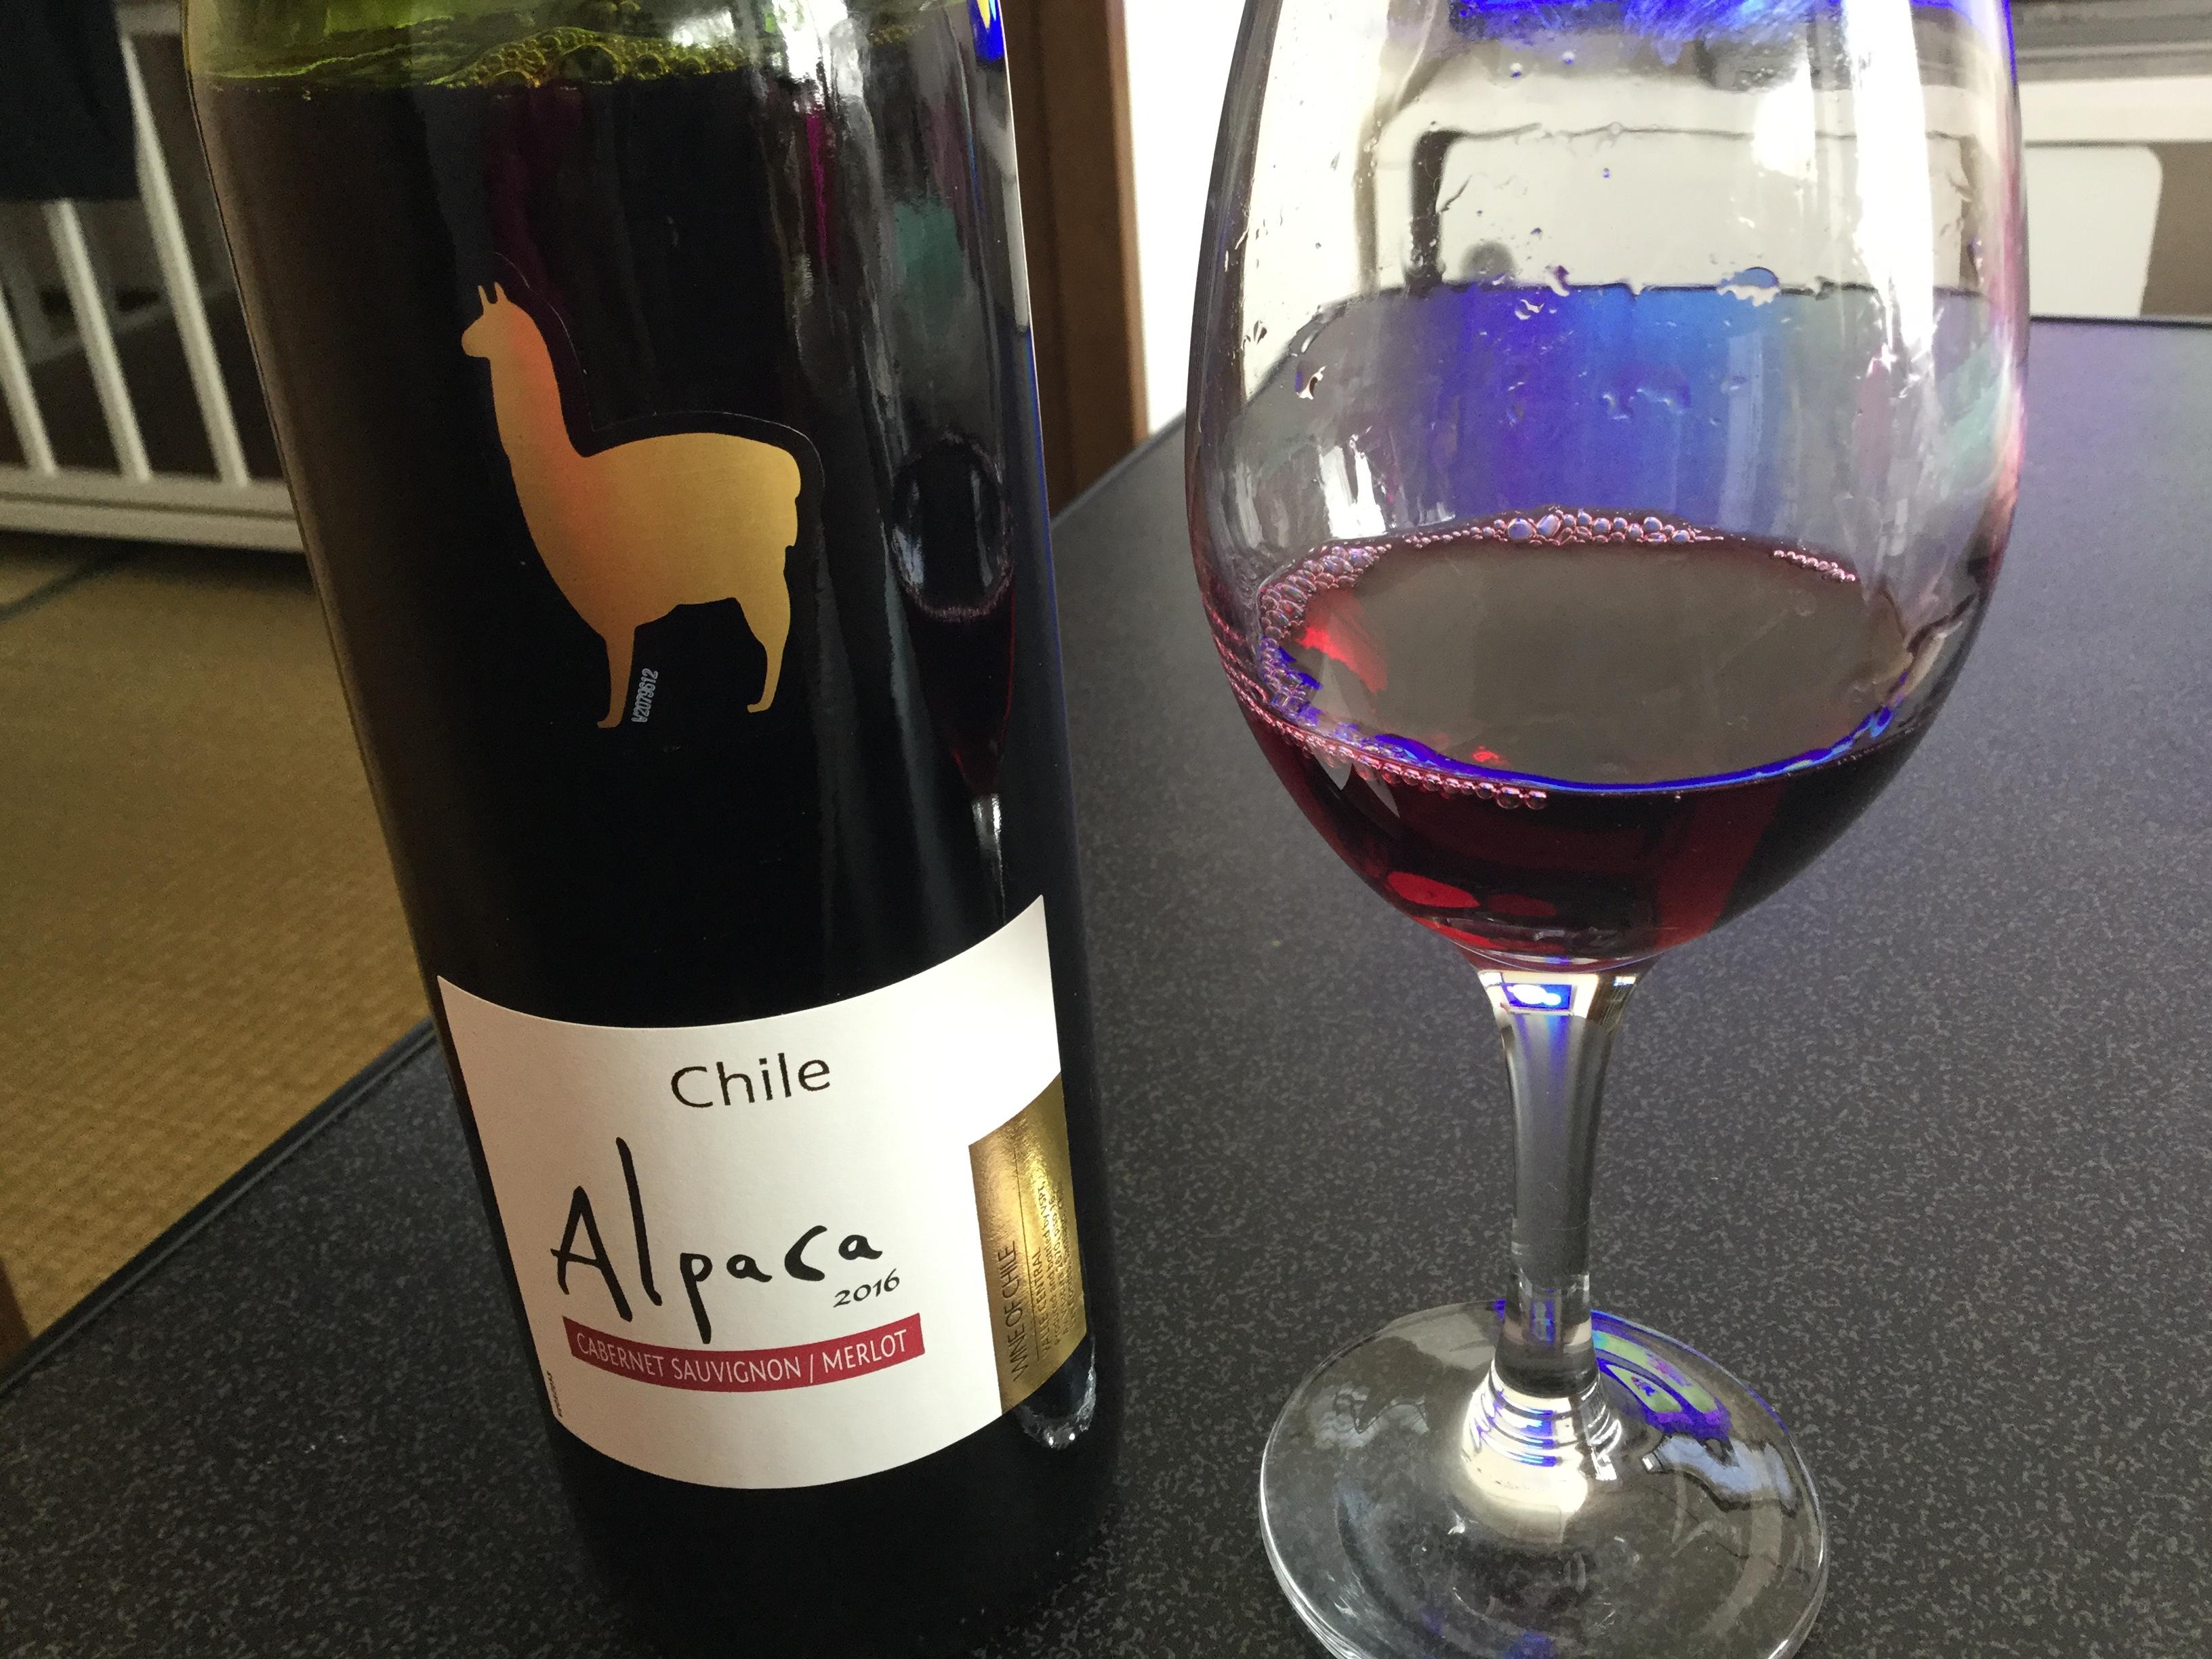 高くて旨いは当たり前!安いワインをいかに美味しく飲めるかが勝負